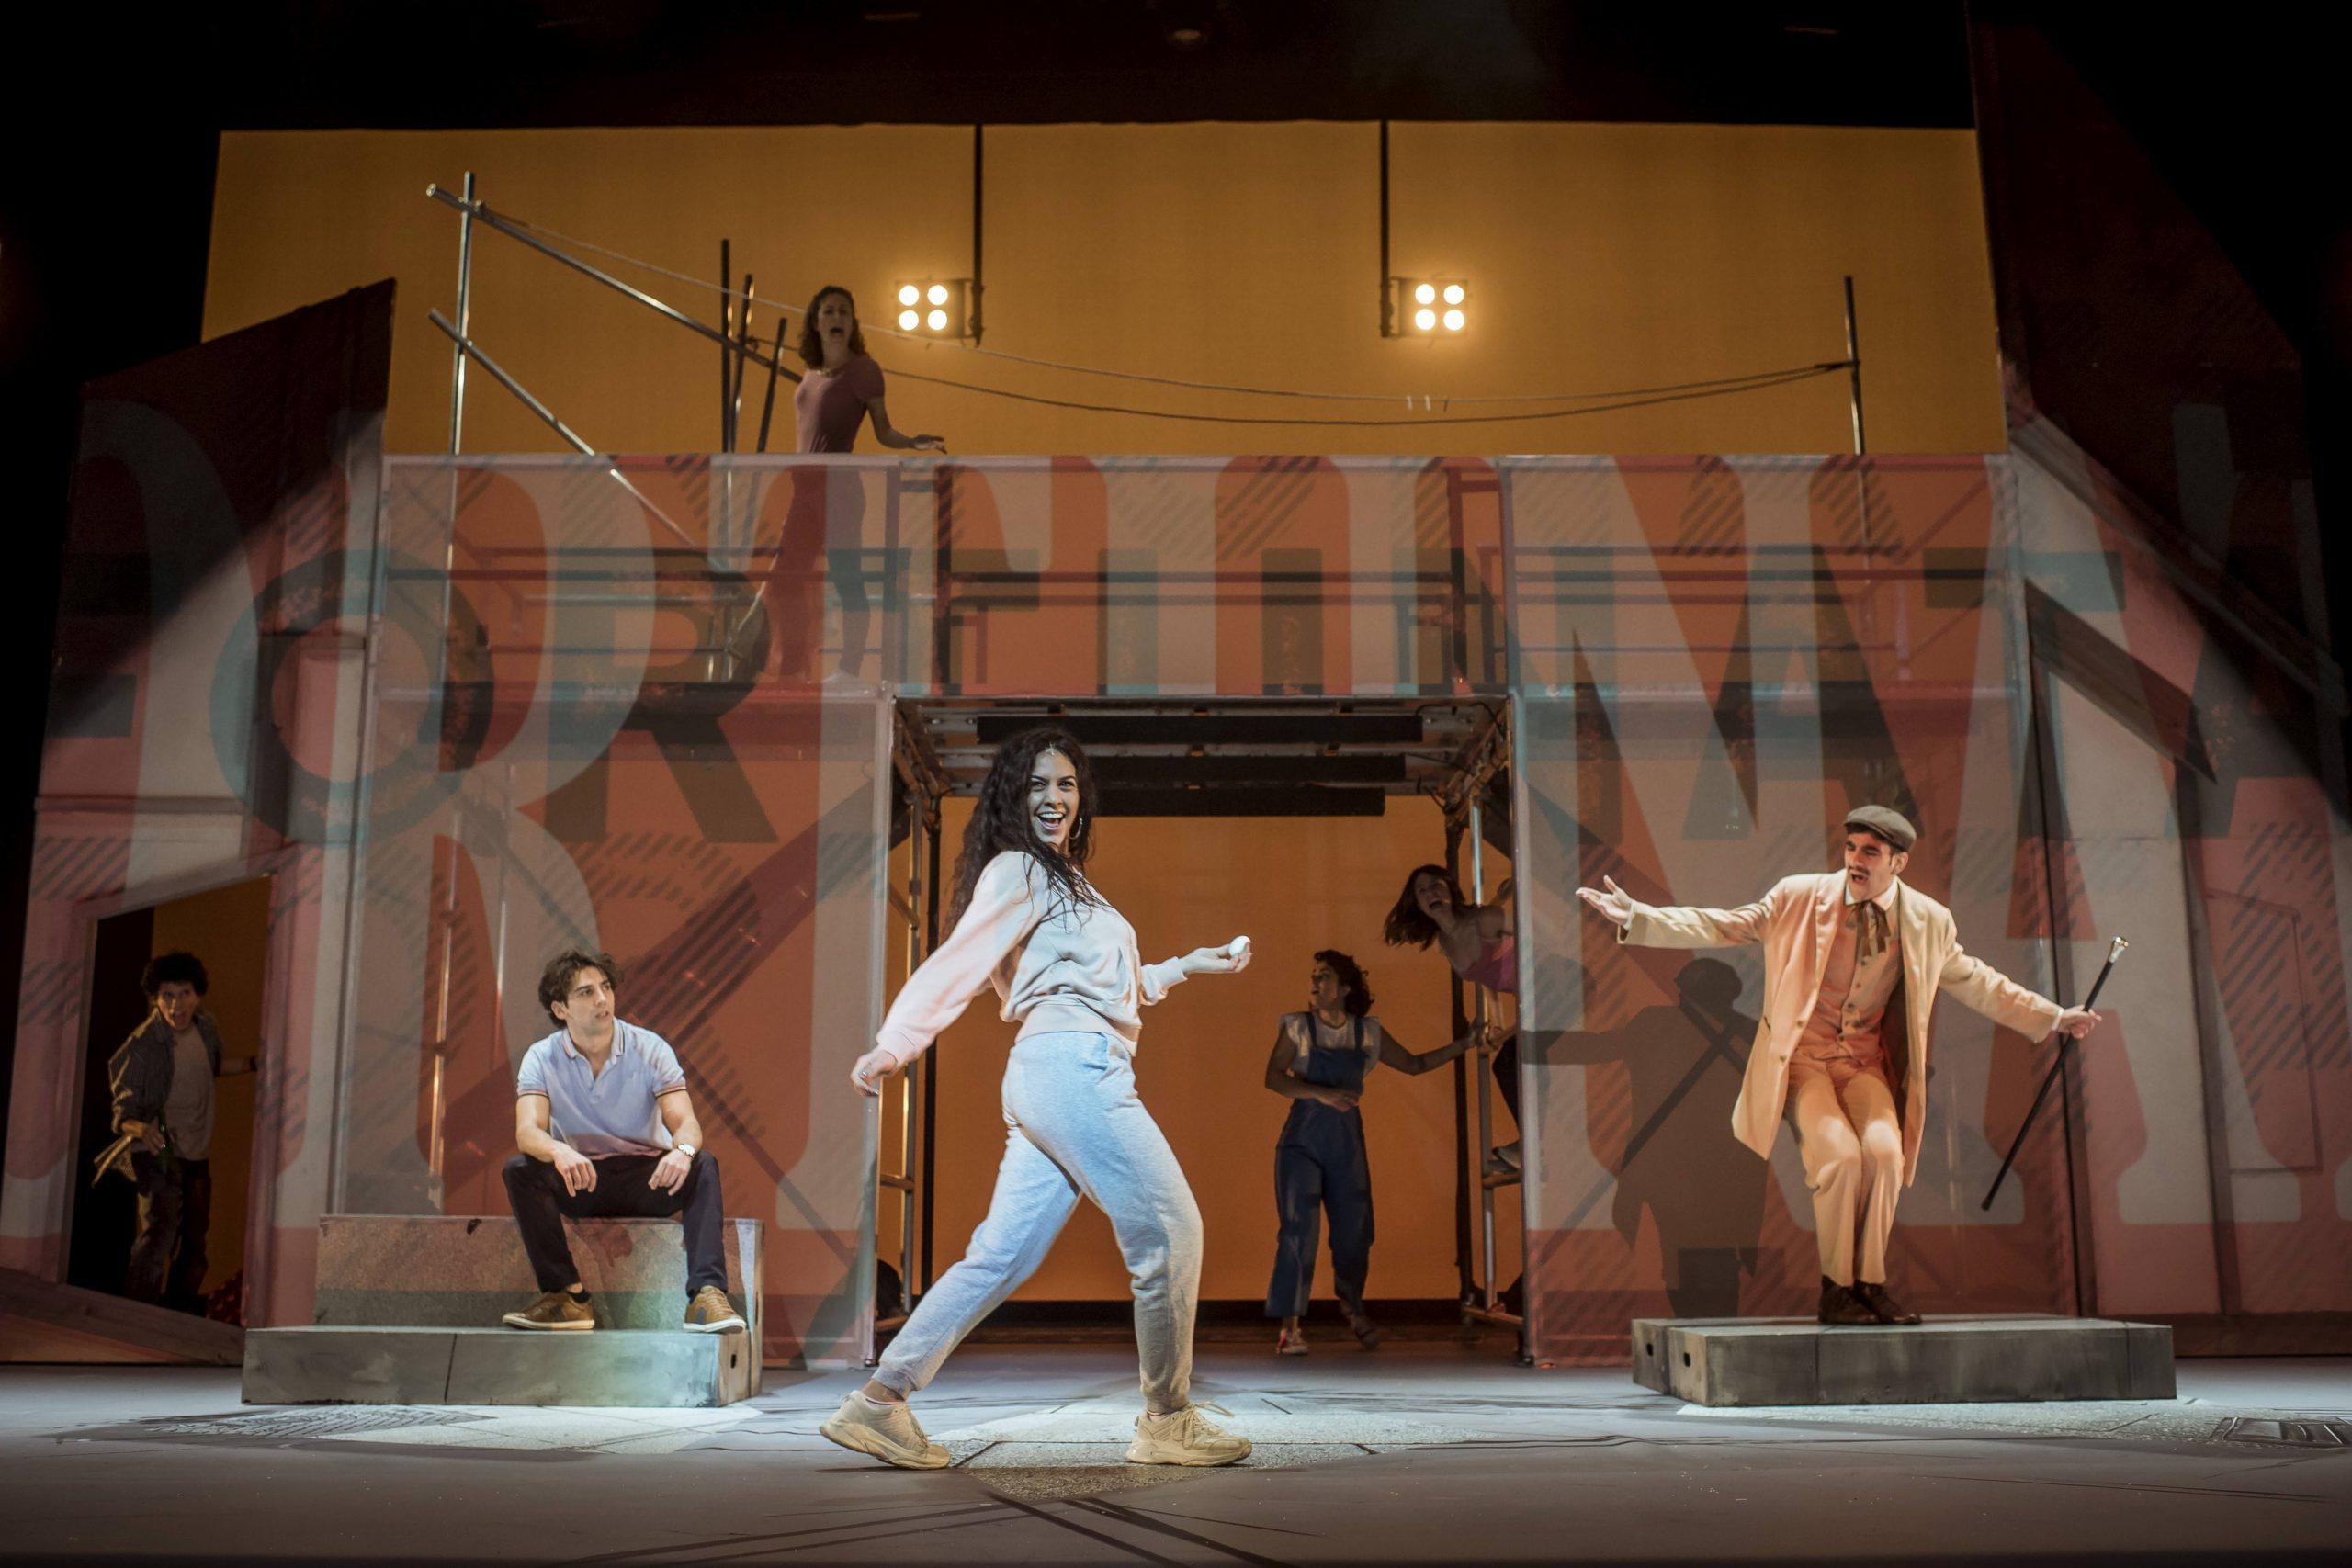 El Teatro Pérez Galdós culmina con 'Fortunata y Benito' su programación de este año 2020